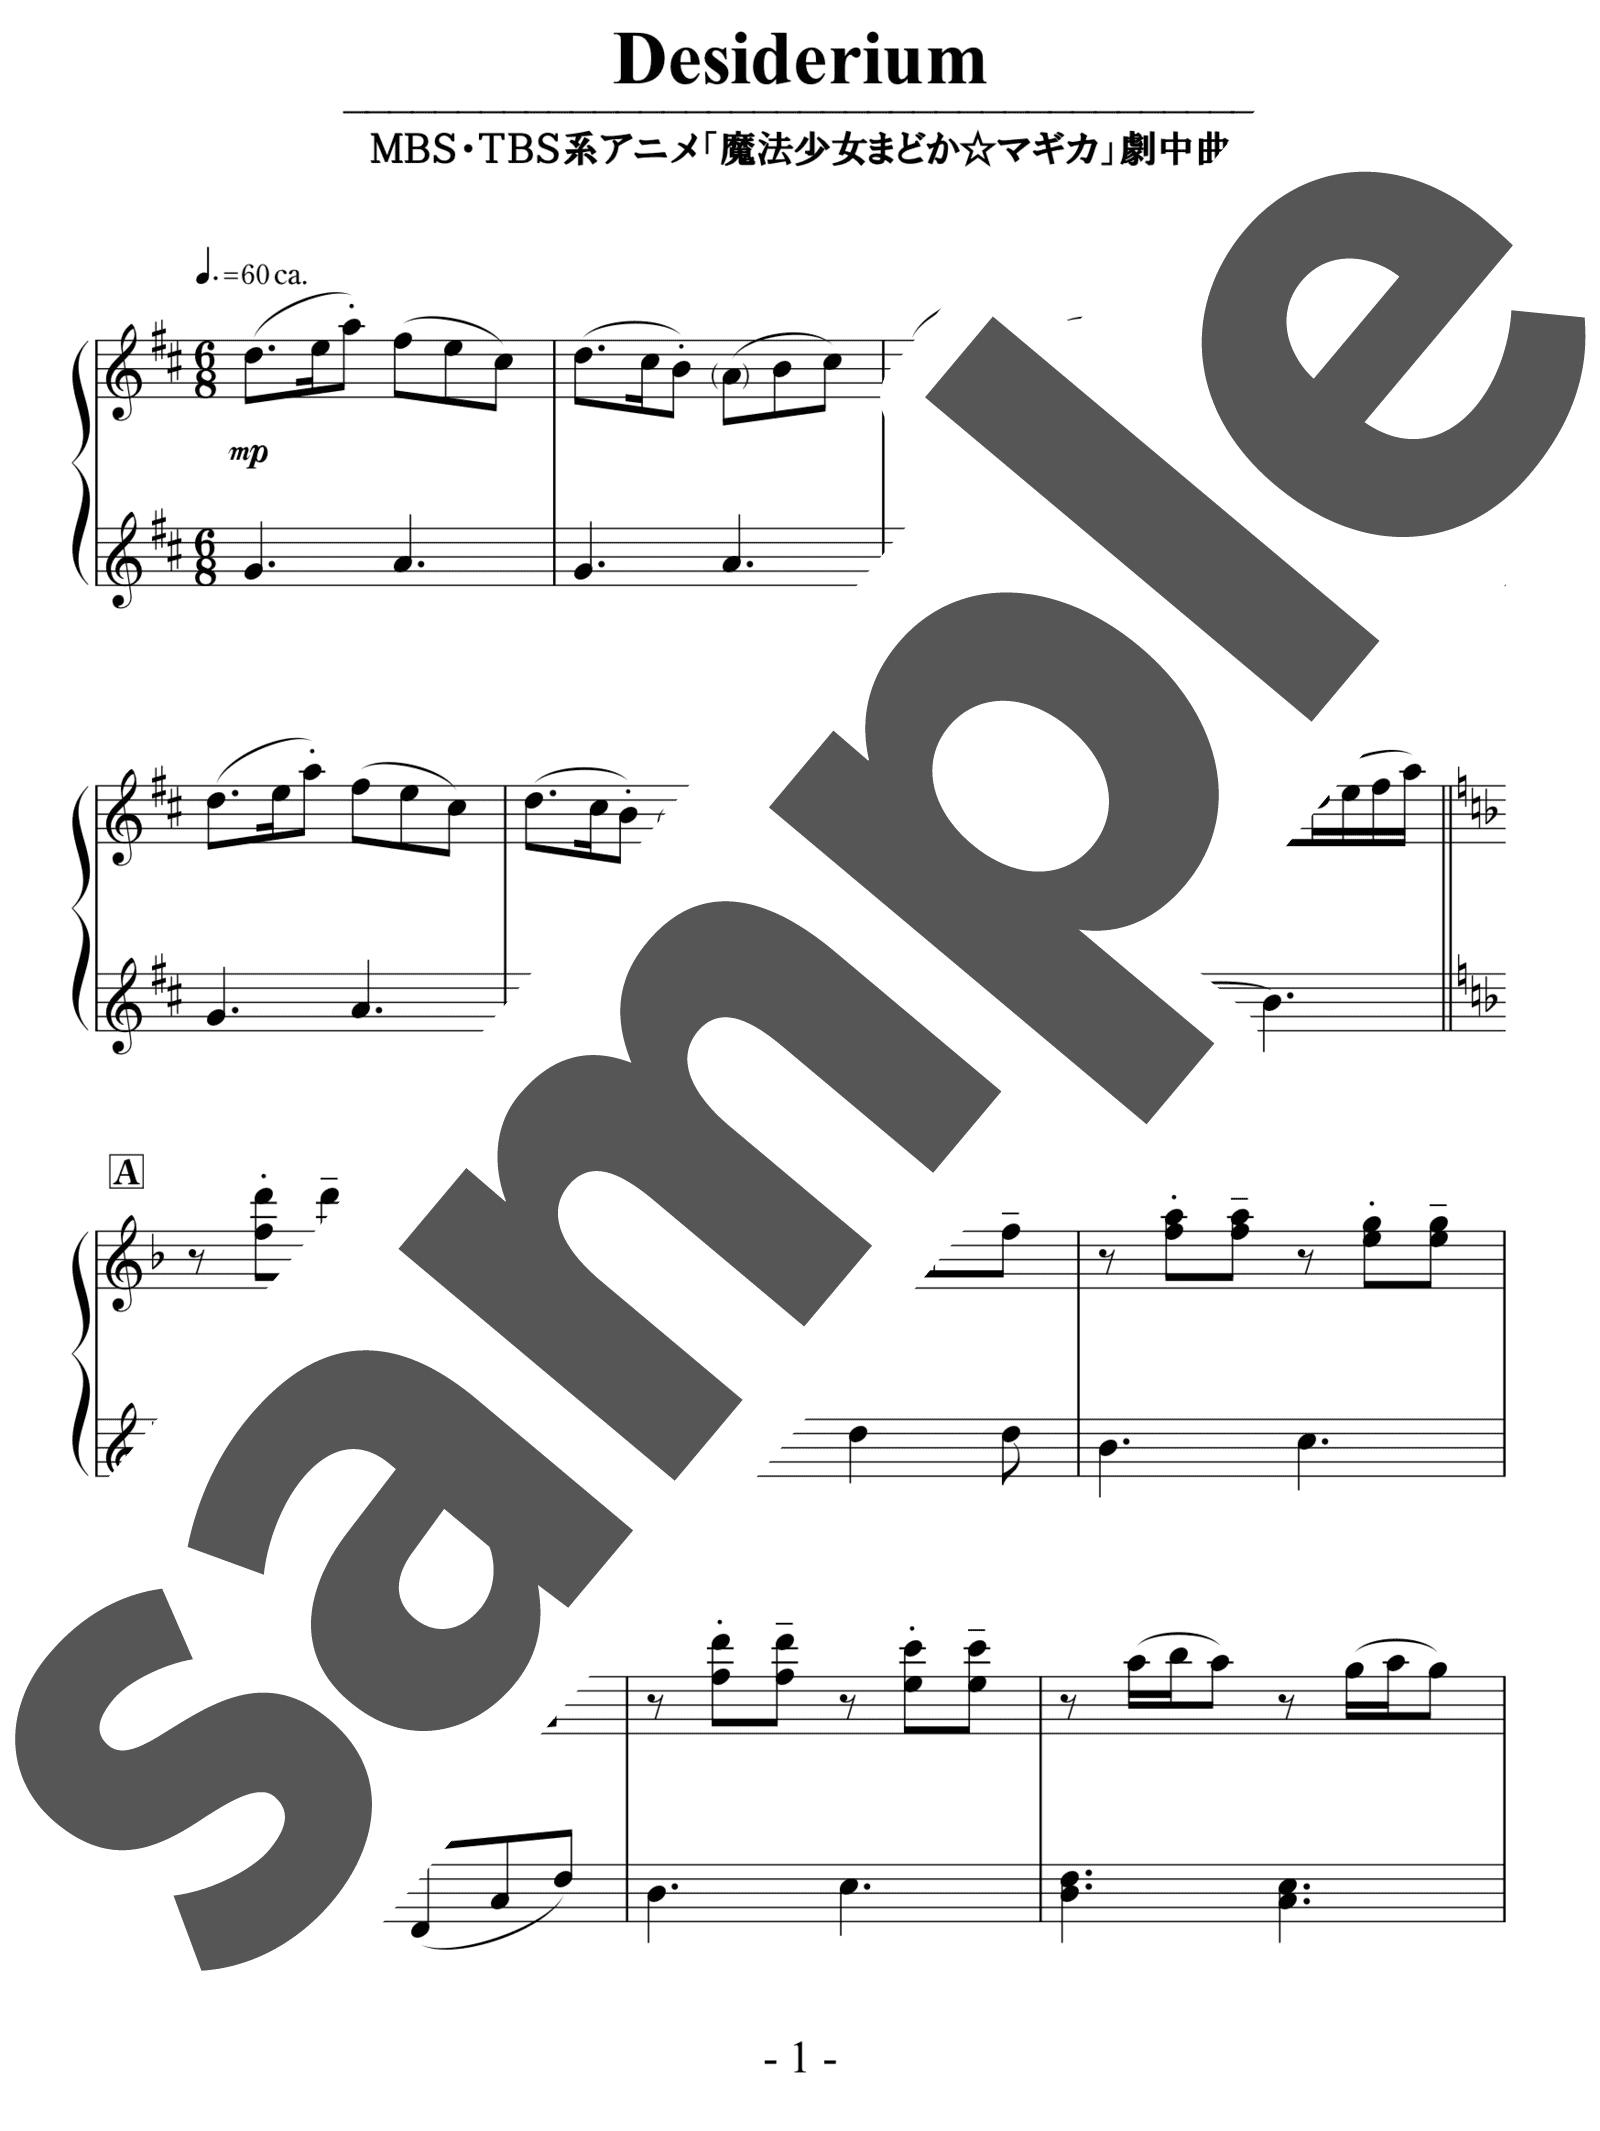 「Desiderium」のサンプル楽譜